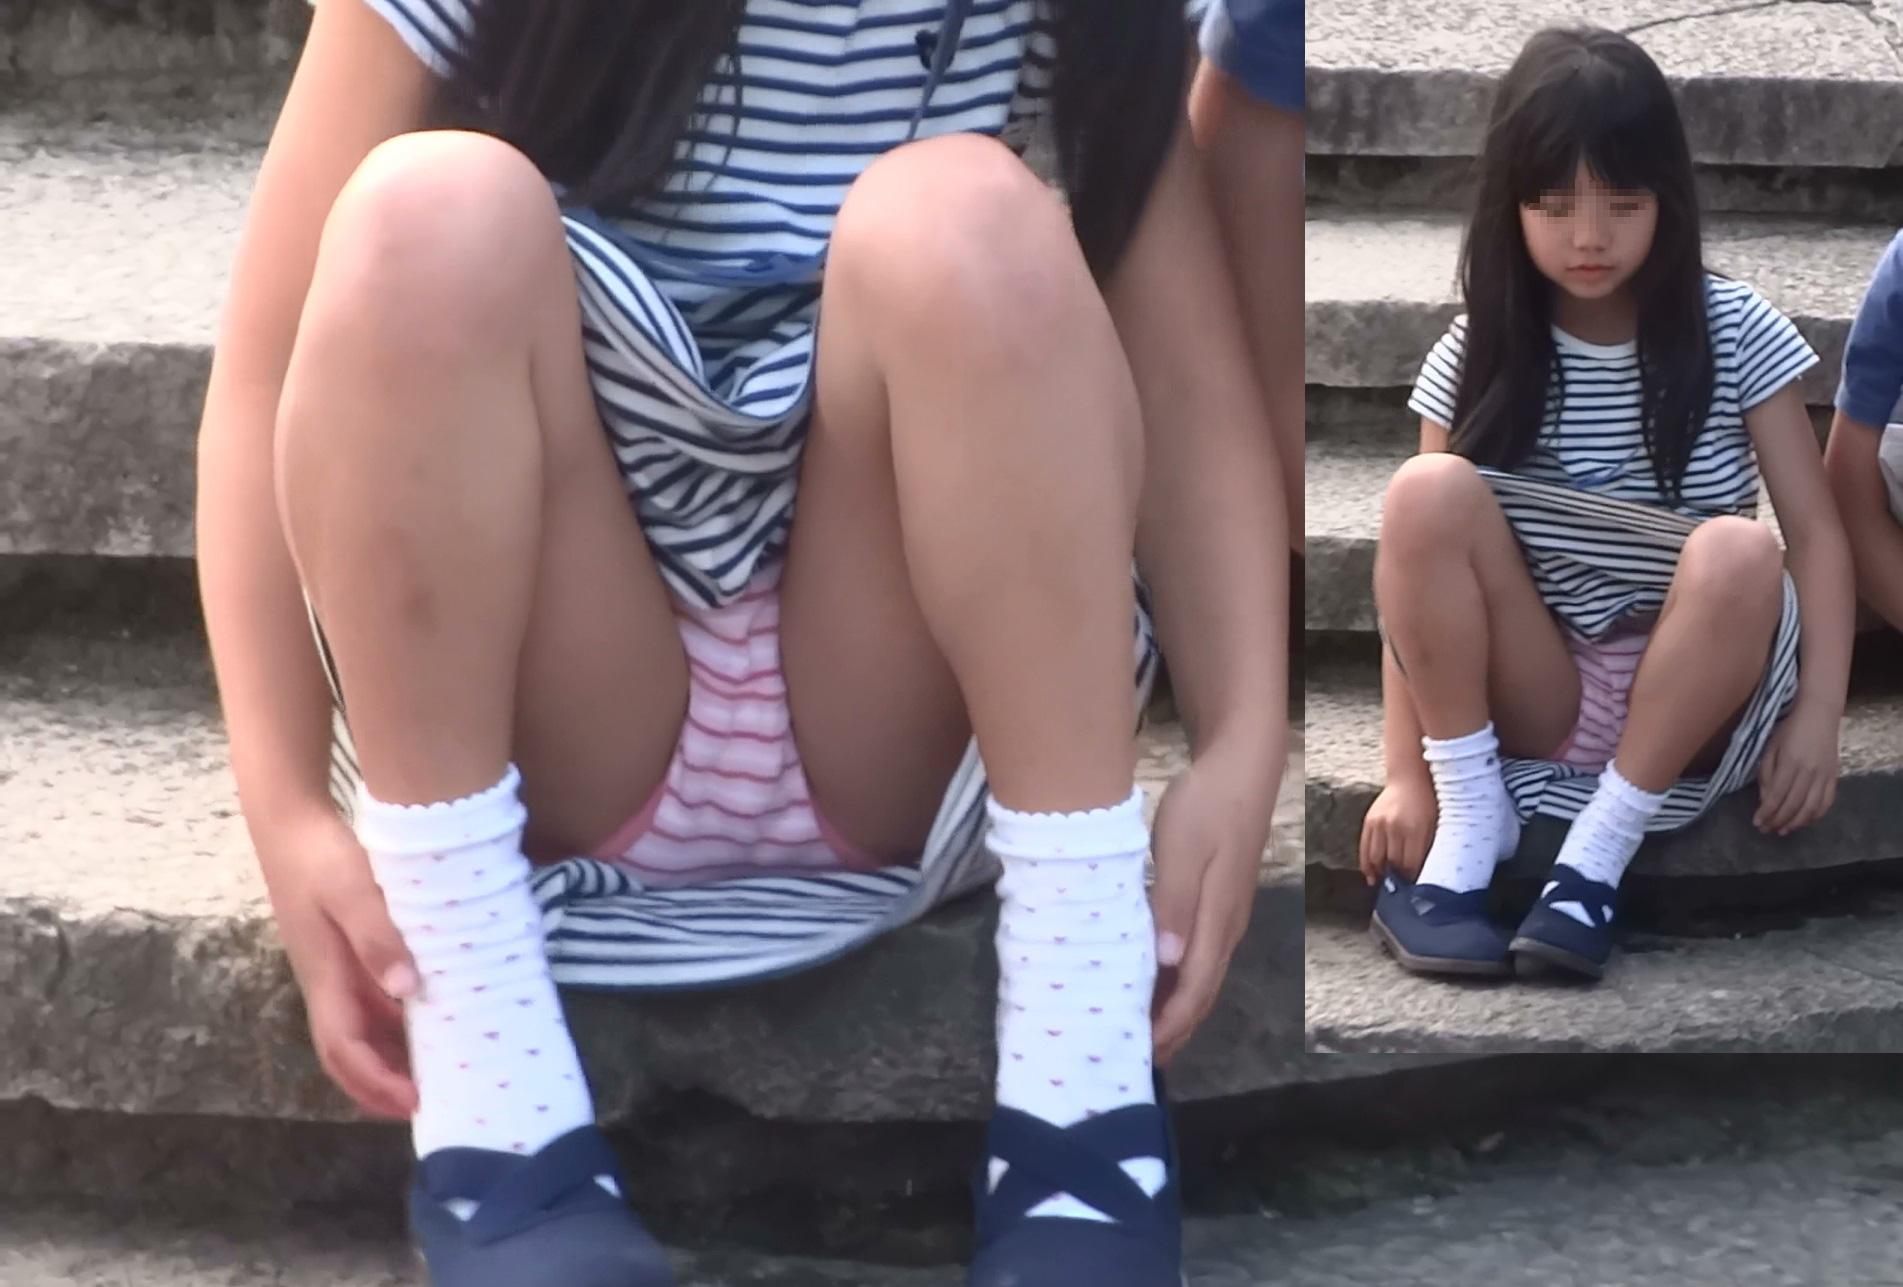 女子小学生の下着丸見え 階段の段差に座るJSの可愛い横縞パンツを隠し撮り!